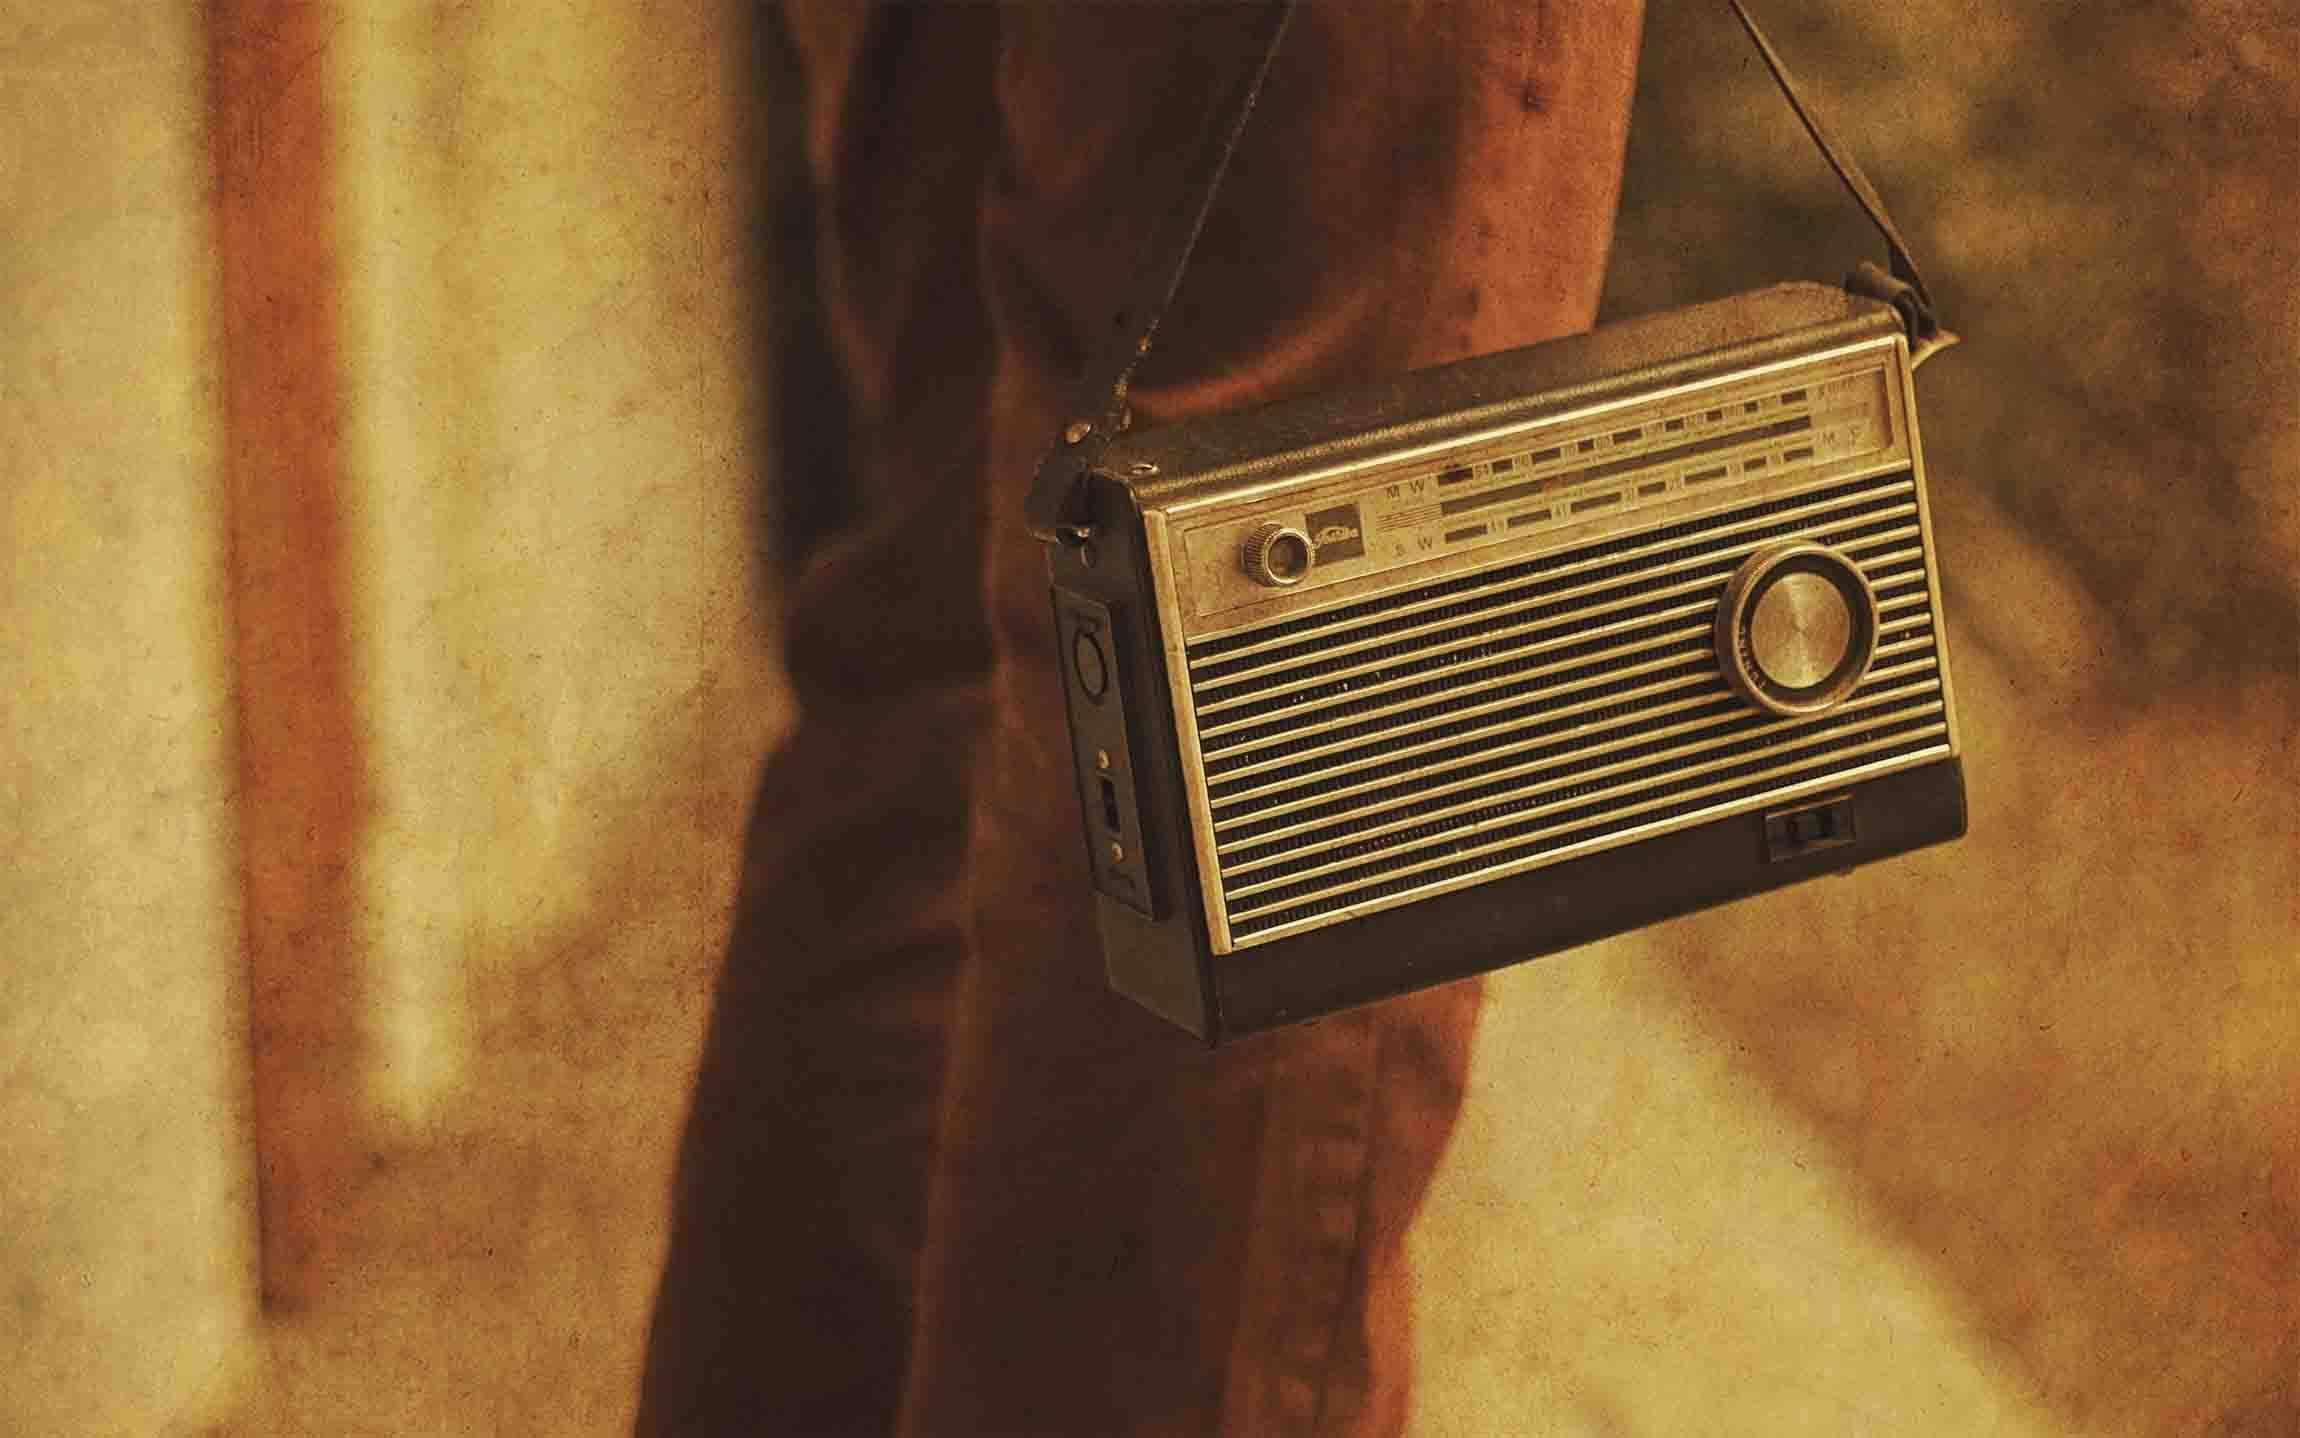 برای مطلع شدن از اخبار به رادیو گوش دهید.